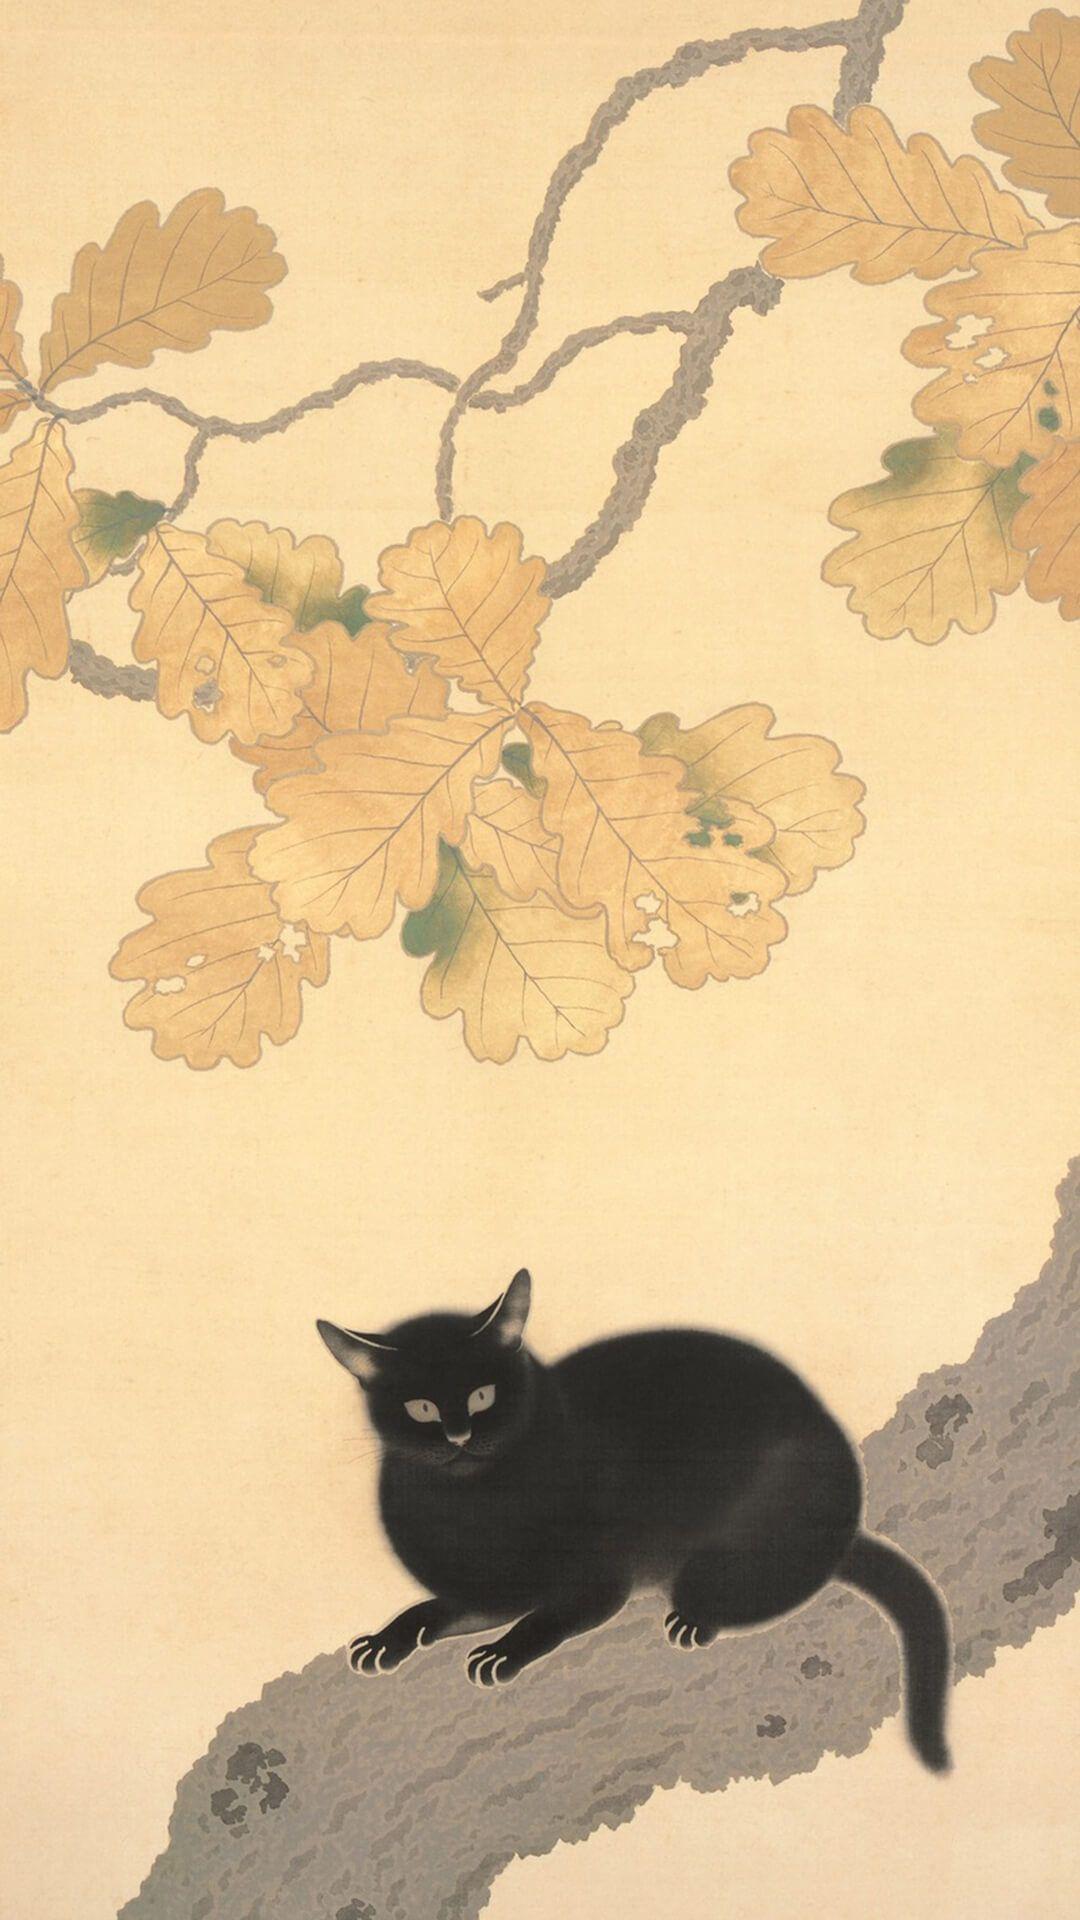 菱田春草 黒き猫 壁紙ギャラリー Kagirohi 猫のイラスト キャットアート 猫 イラスト かわいい